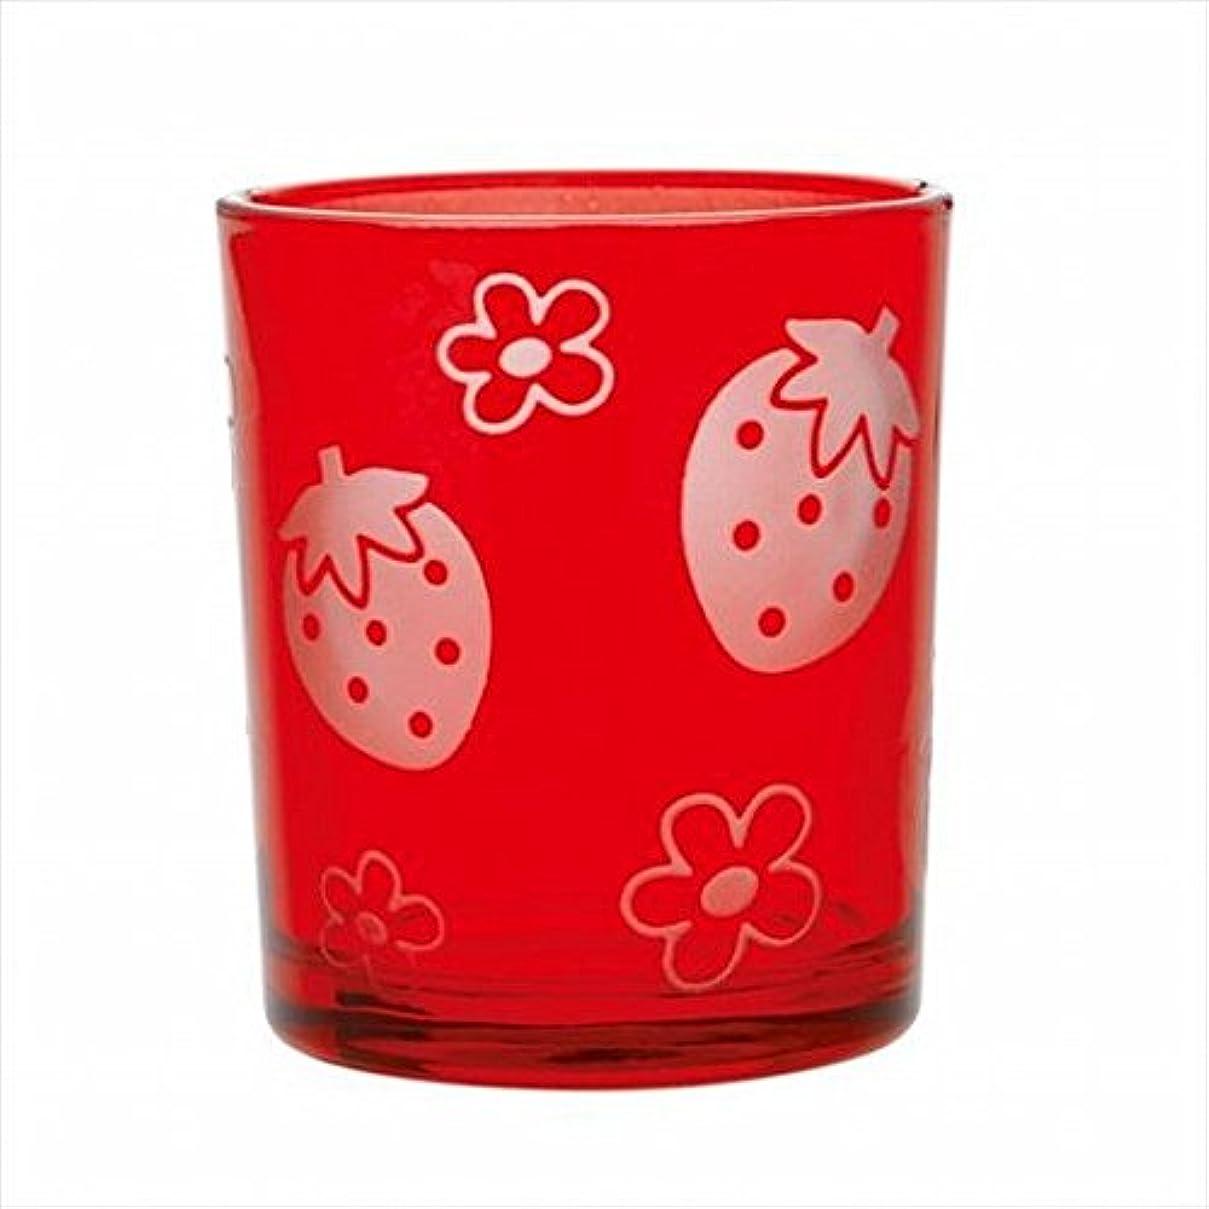 持っているハイジャックバックアップsweets candle(スイーツキャンドル) いちごフロストカップ 「 レッド 」 キャンドル 55x55x65mm (J1490040R)